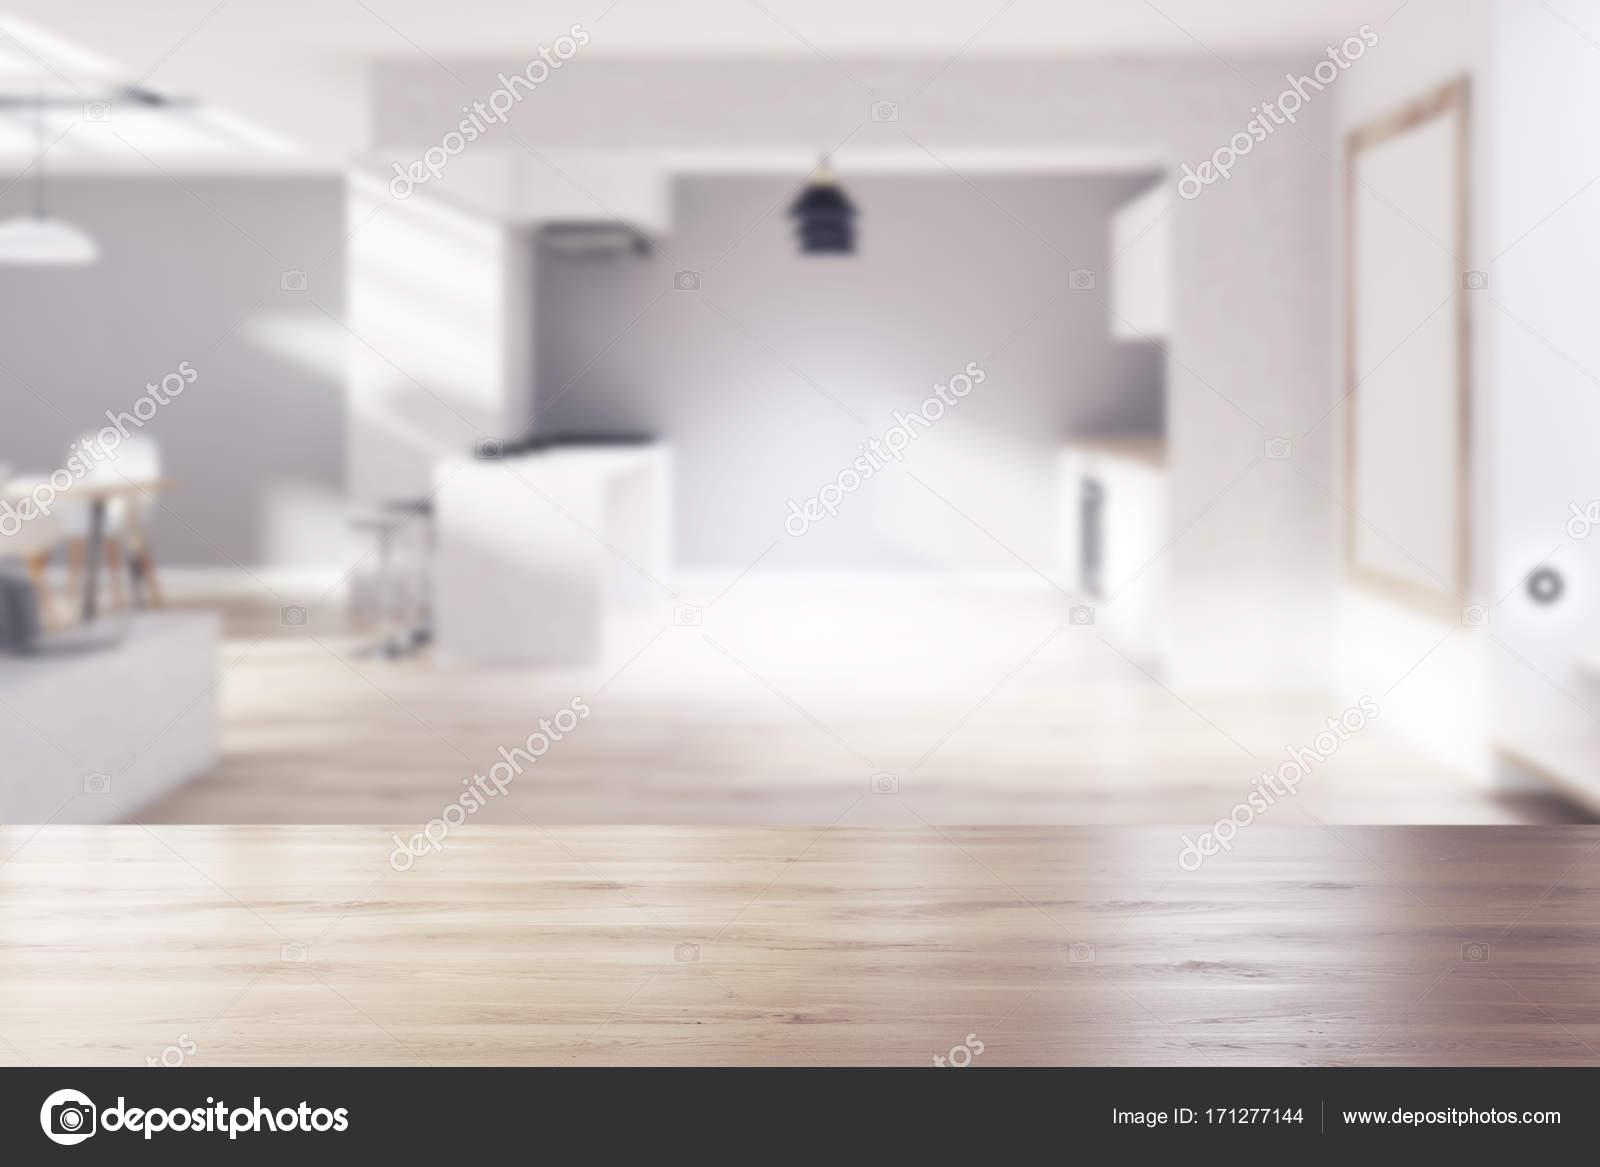 Gray cucina in legno sala da pranzo poster sfocato u foto stock